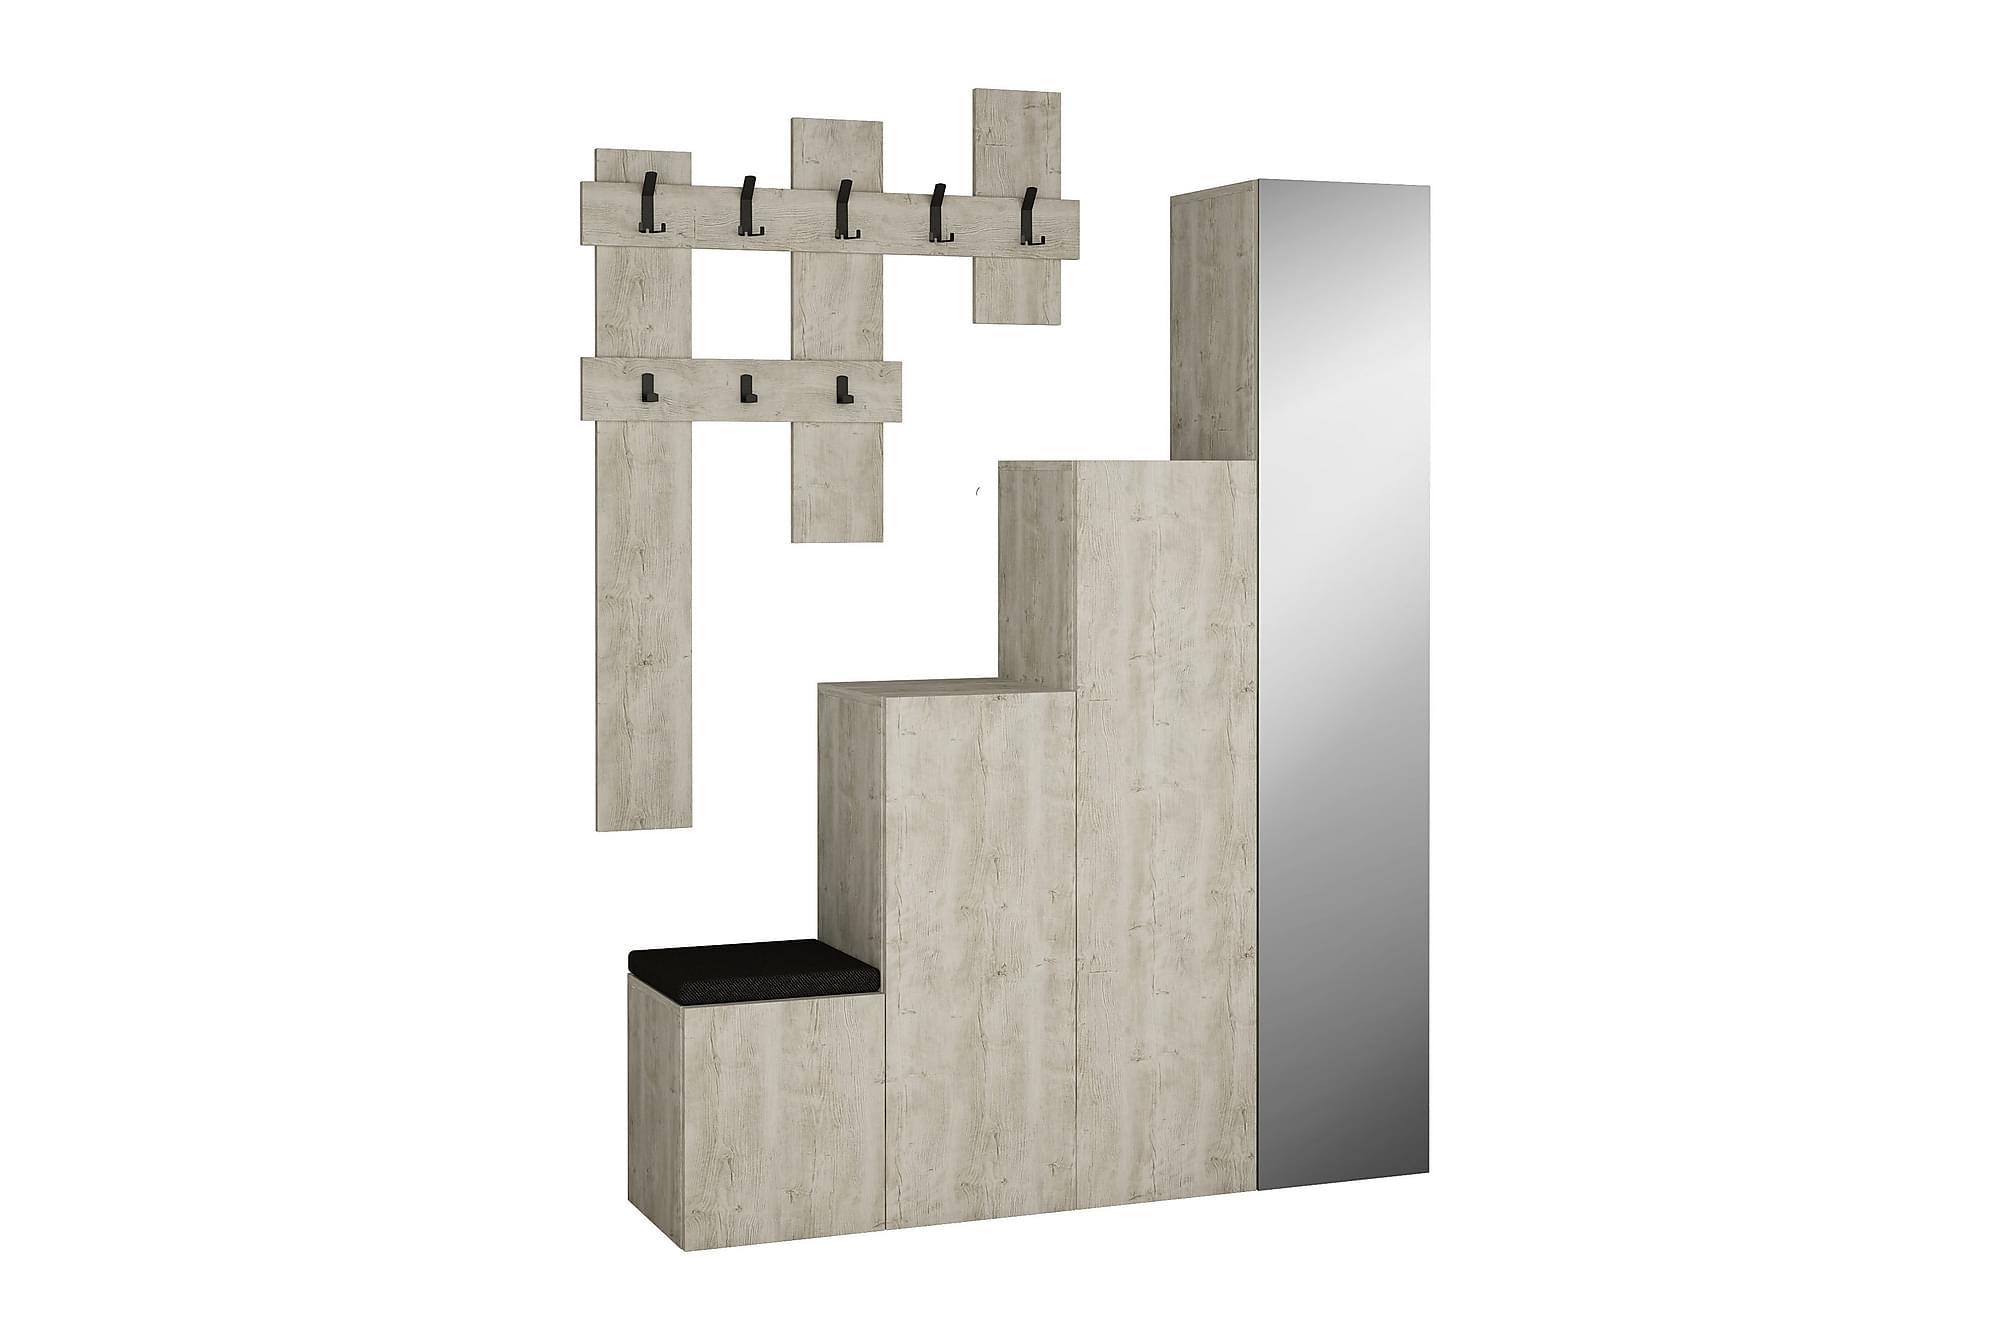 CORALEE Hallförvaring Spegel Beige, Klädförvaringssystem